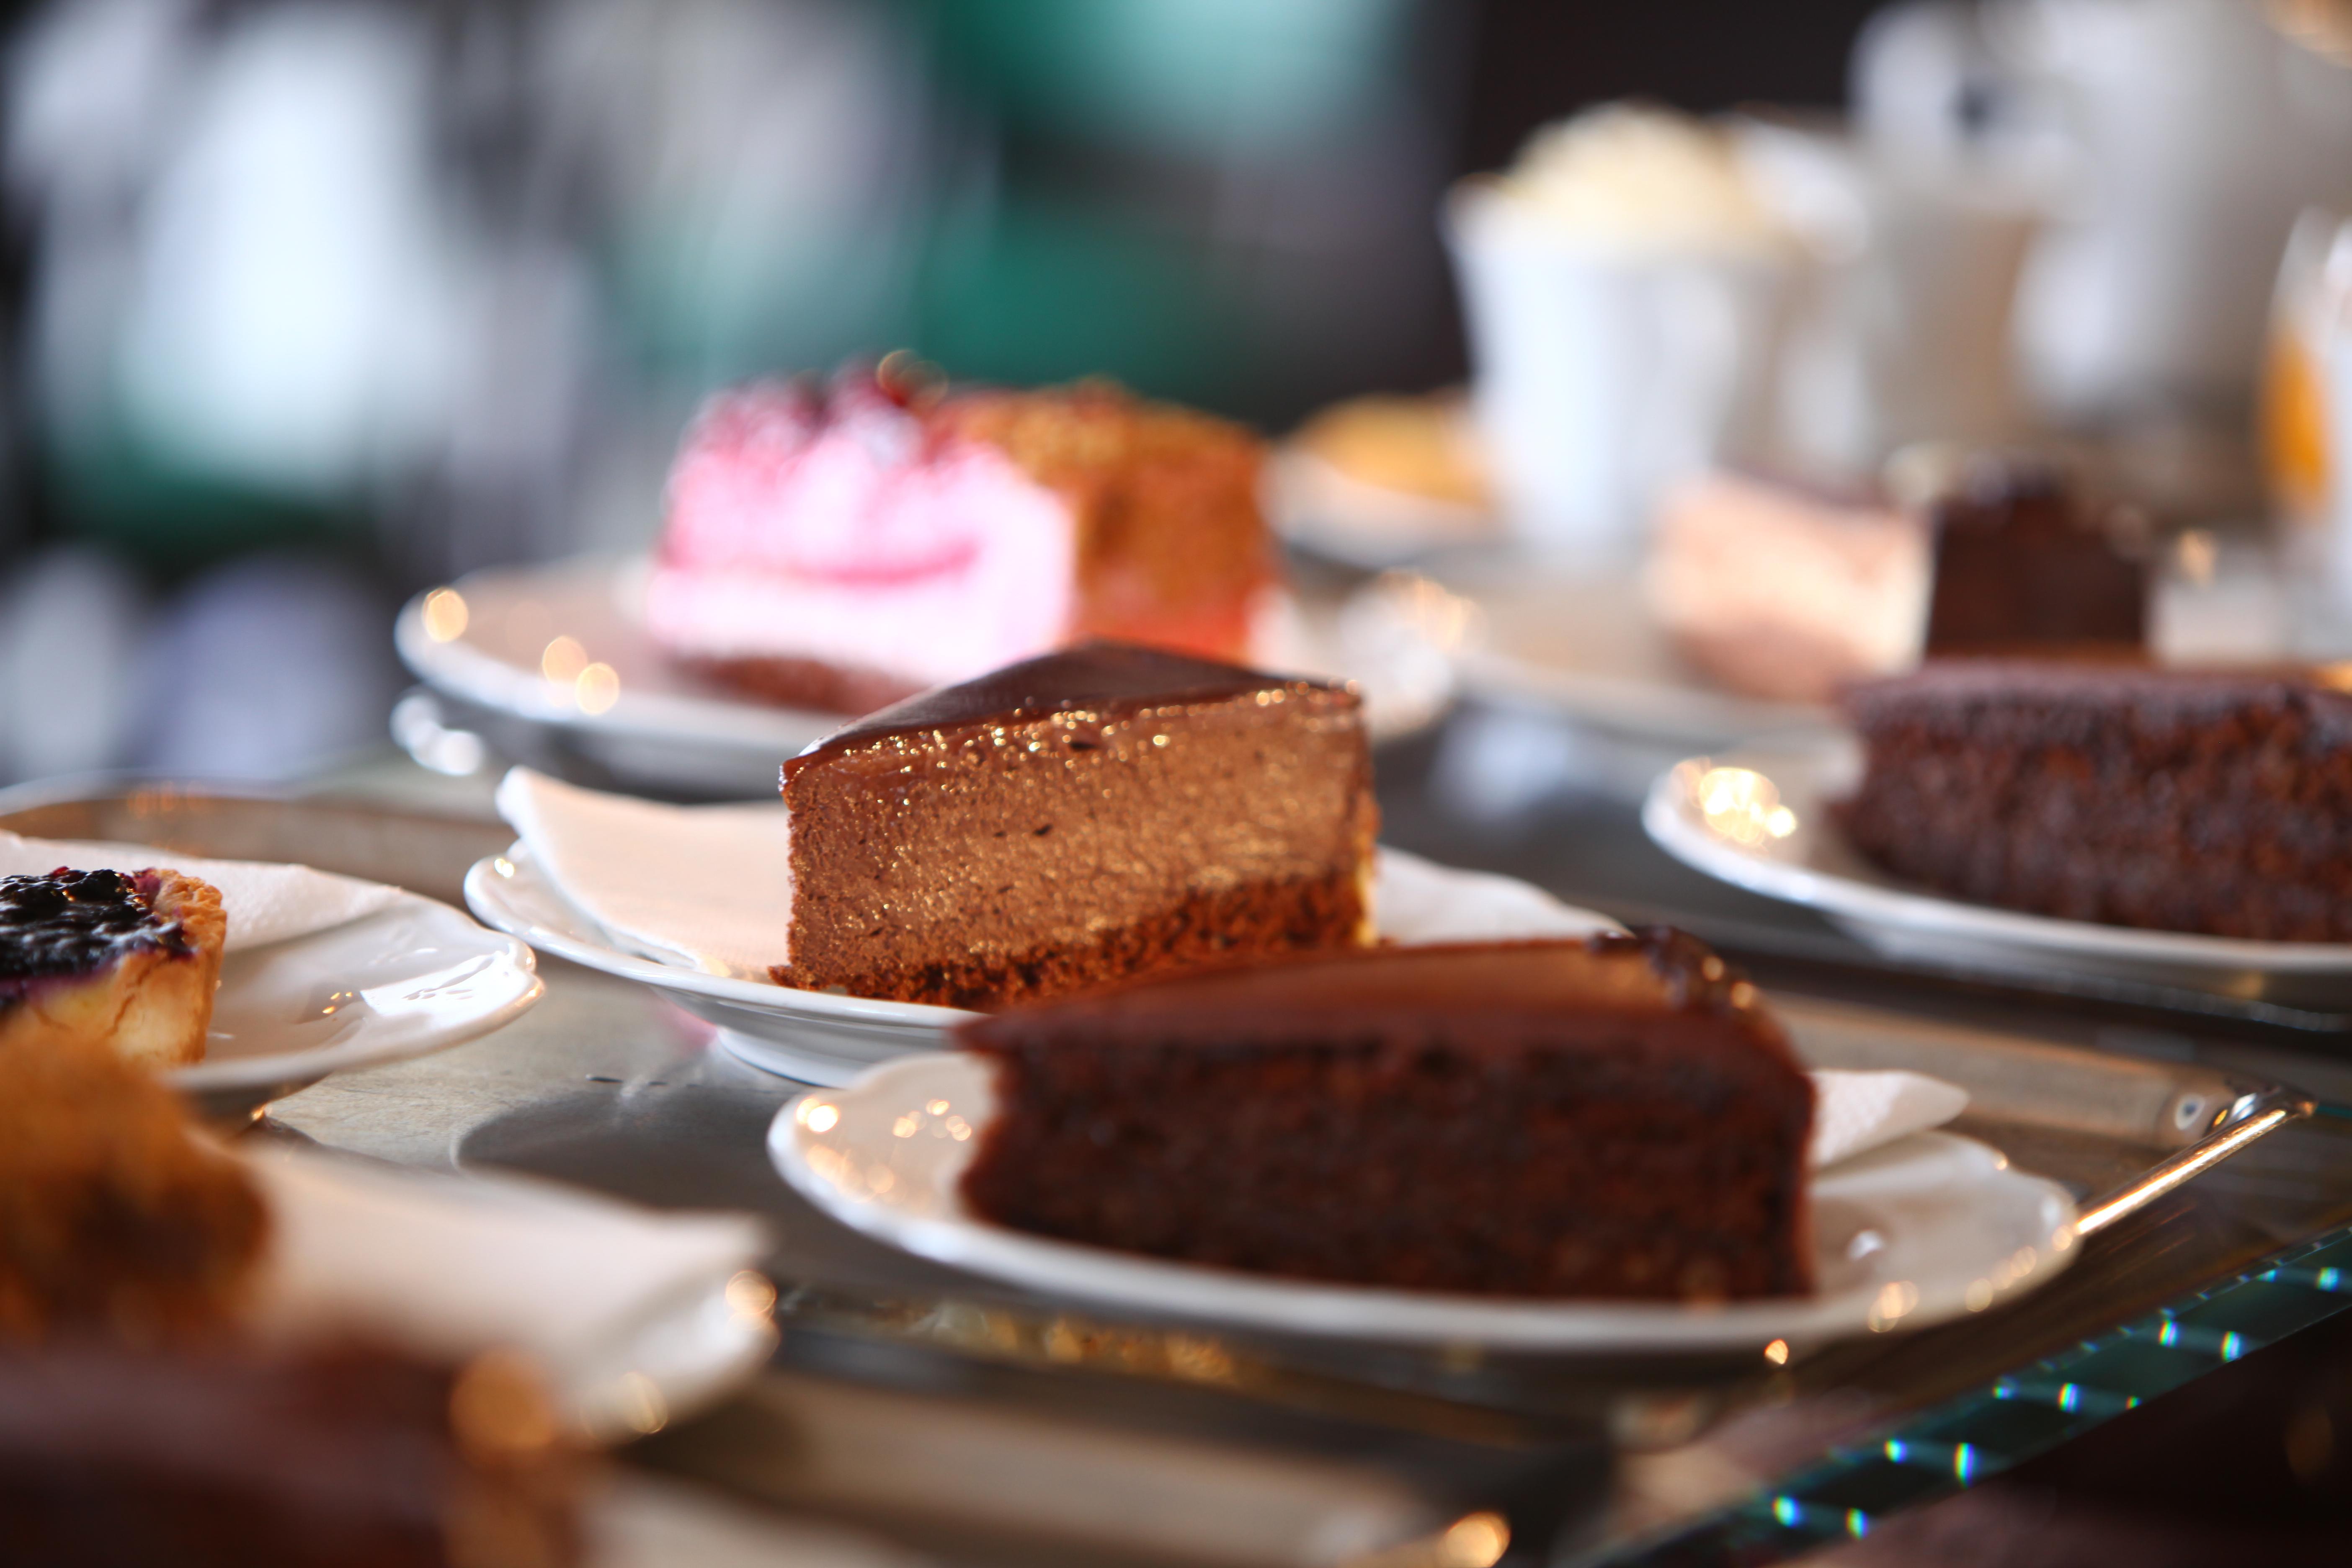 230923 chocolade%20taart 36b5e8 original 1480339527